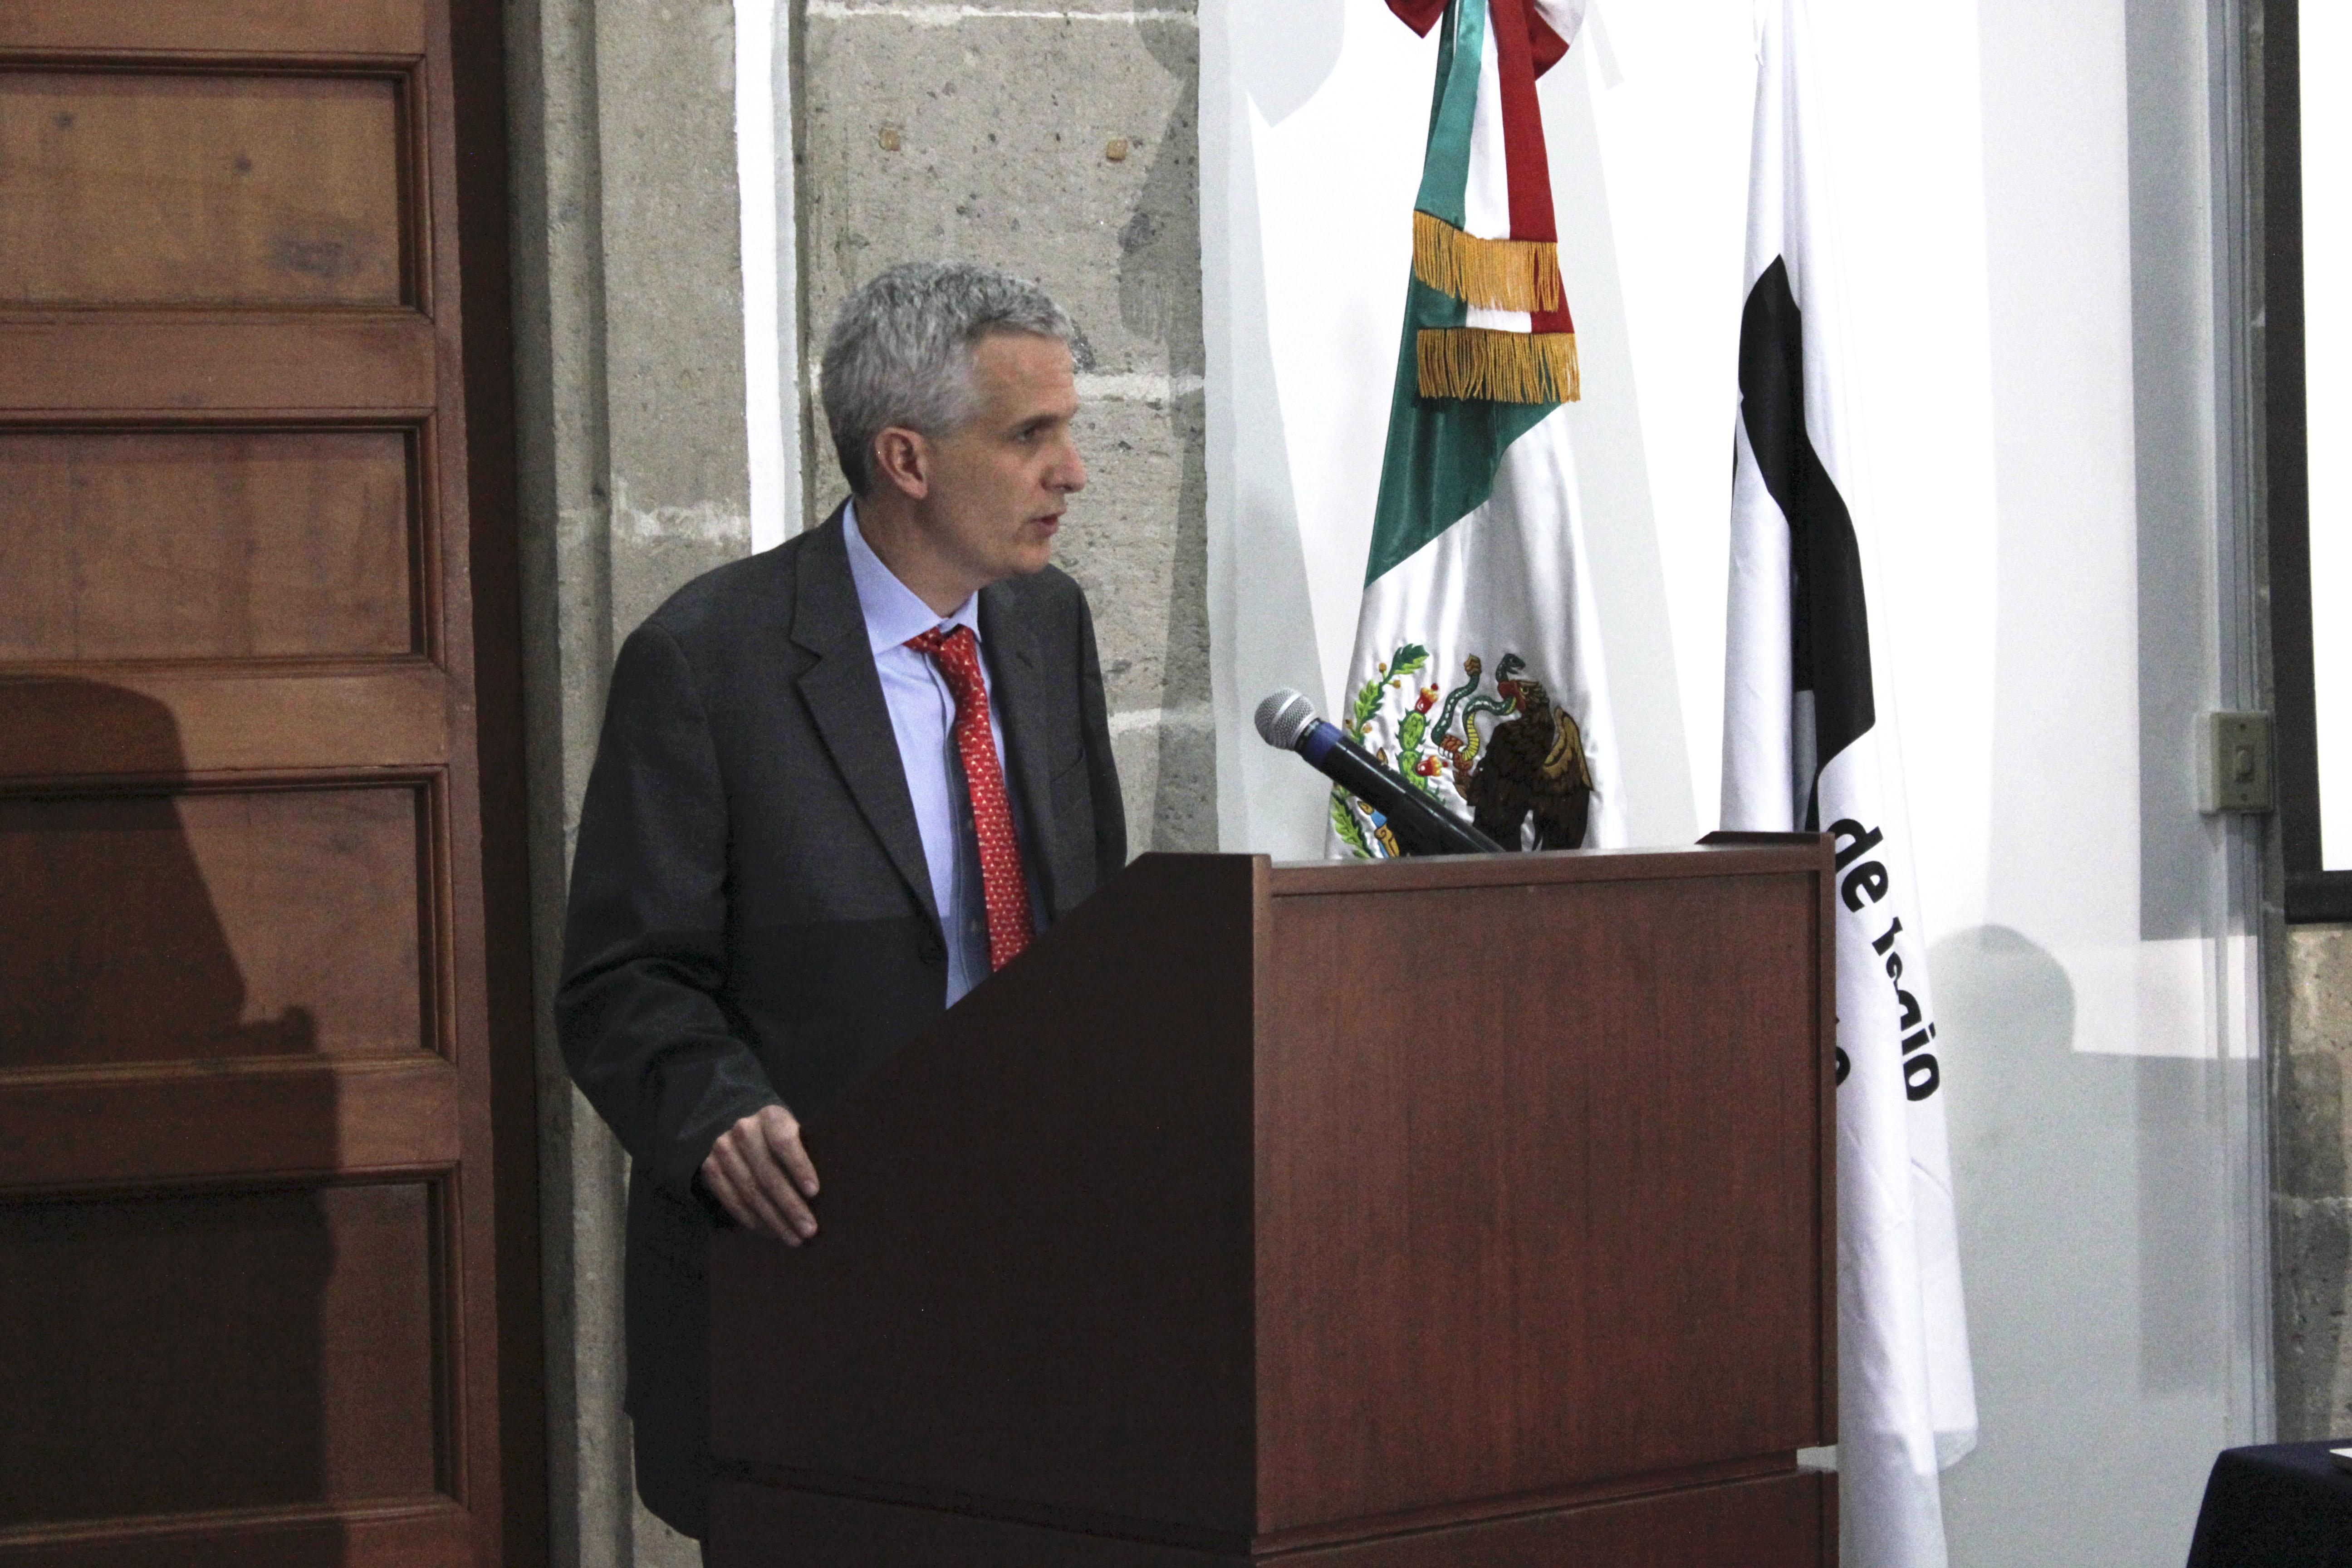 FOTO 1 Subsecretario Carlos P rez Verd a en el Foro sobre cultura del Pueblo Chicano Mexicanojpg